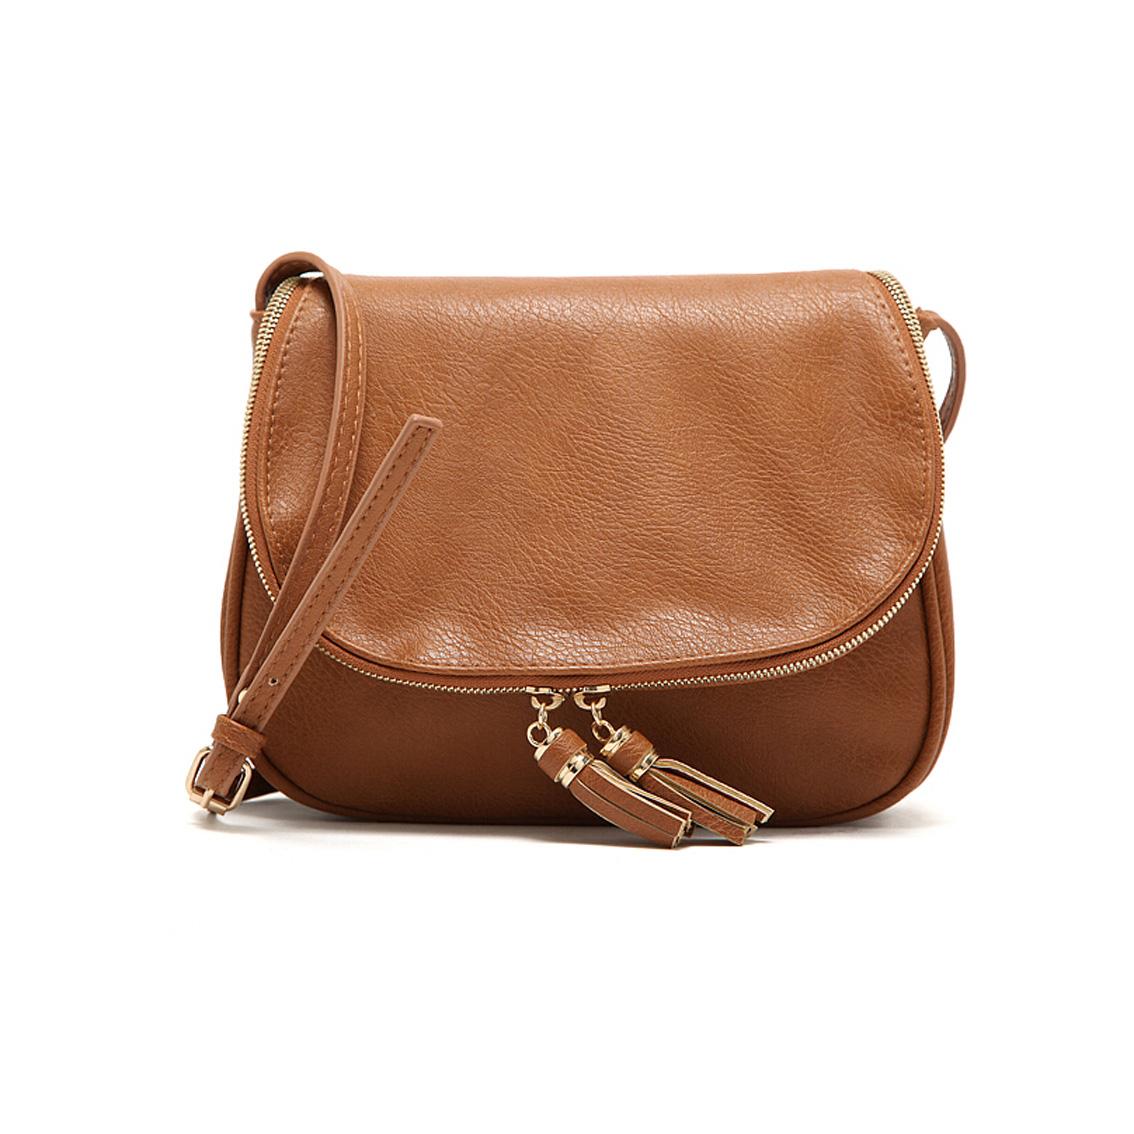 2016 Trendy Tassel Leather Handbags